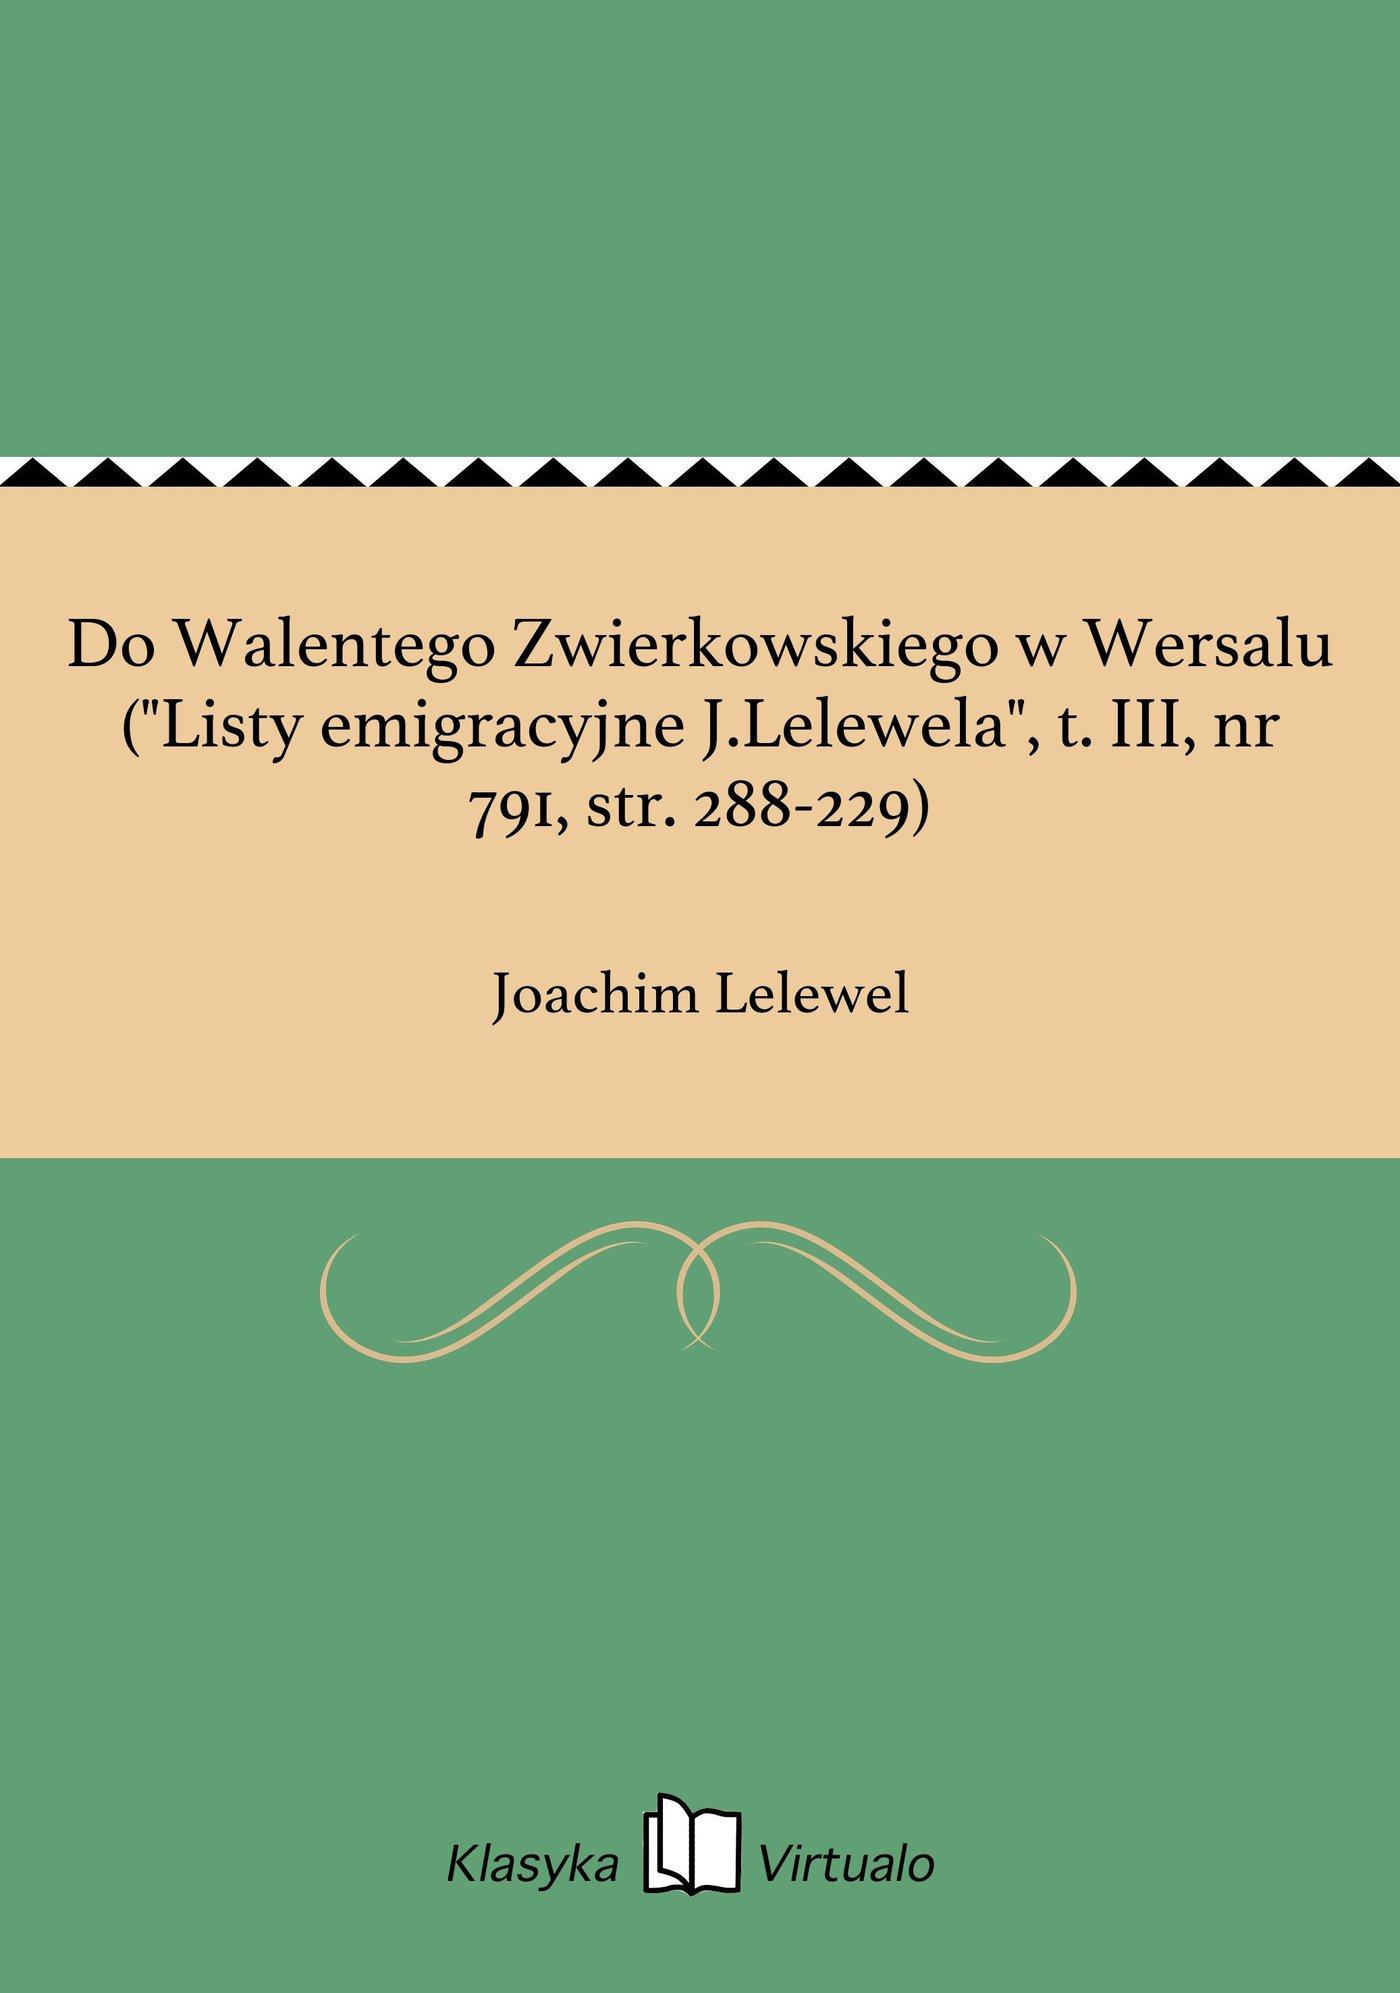 """Do Walentego Zwierkowskiego w Wersalu (""""Listy emigracyjne J.Lelewela"""", t. III, nr 791, str. 288-229) - Ebook (Książka na Kindle) do pobrania w formacie MOBI"""